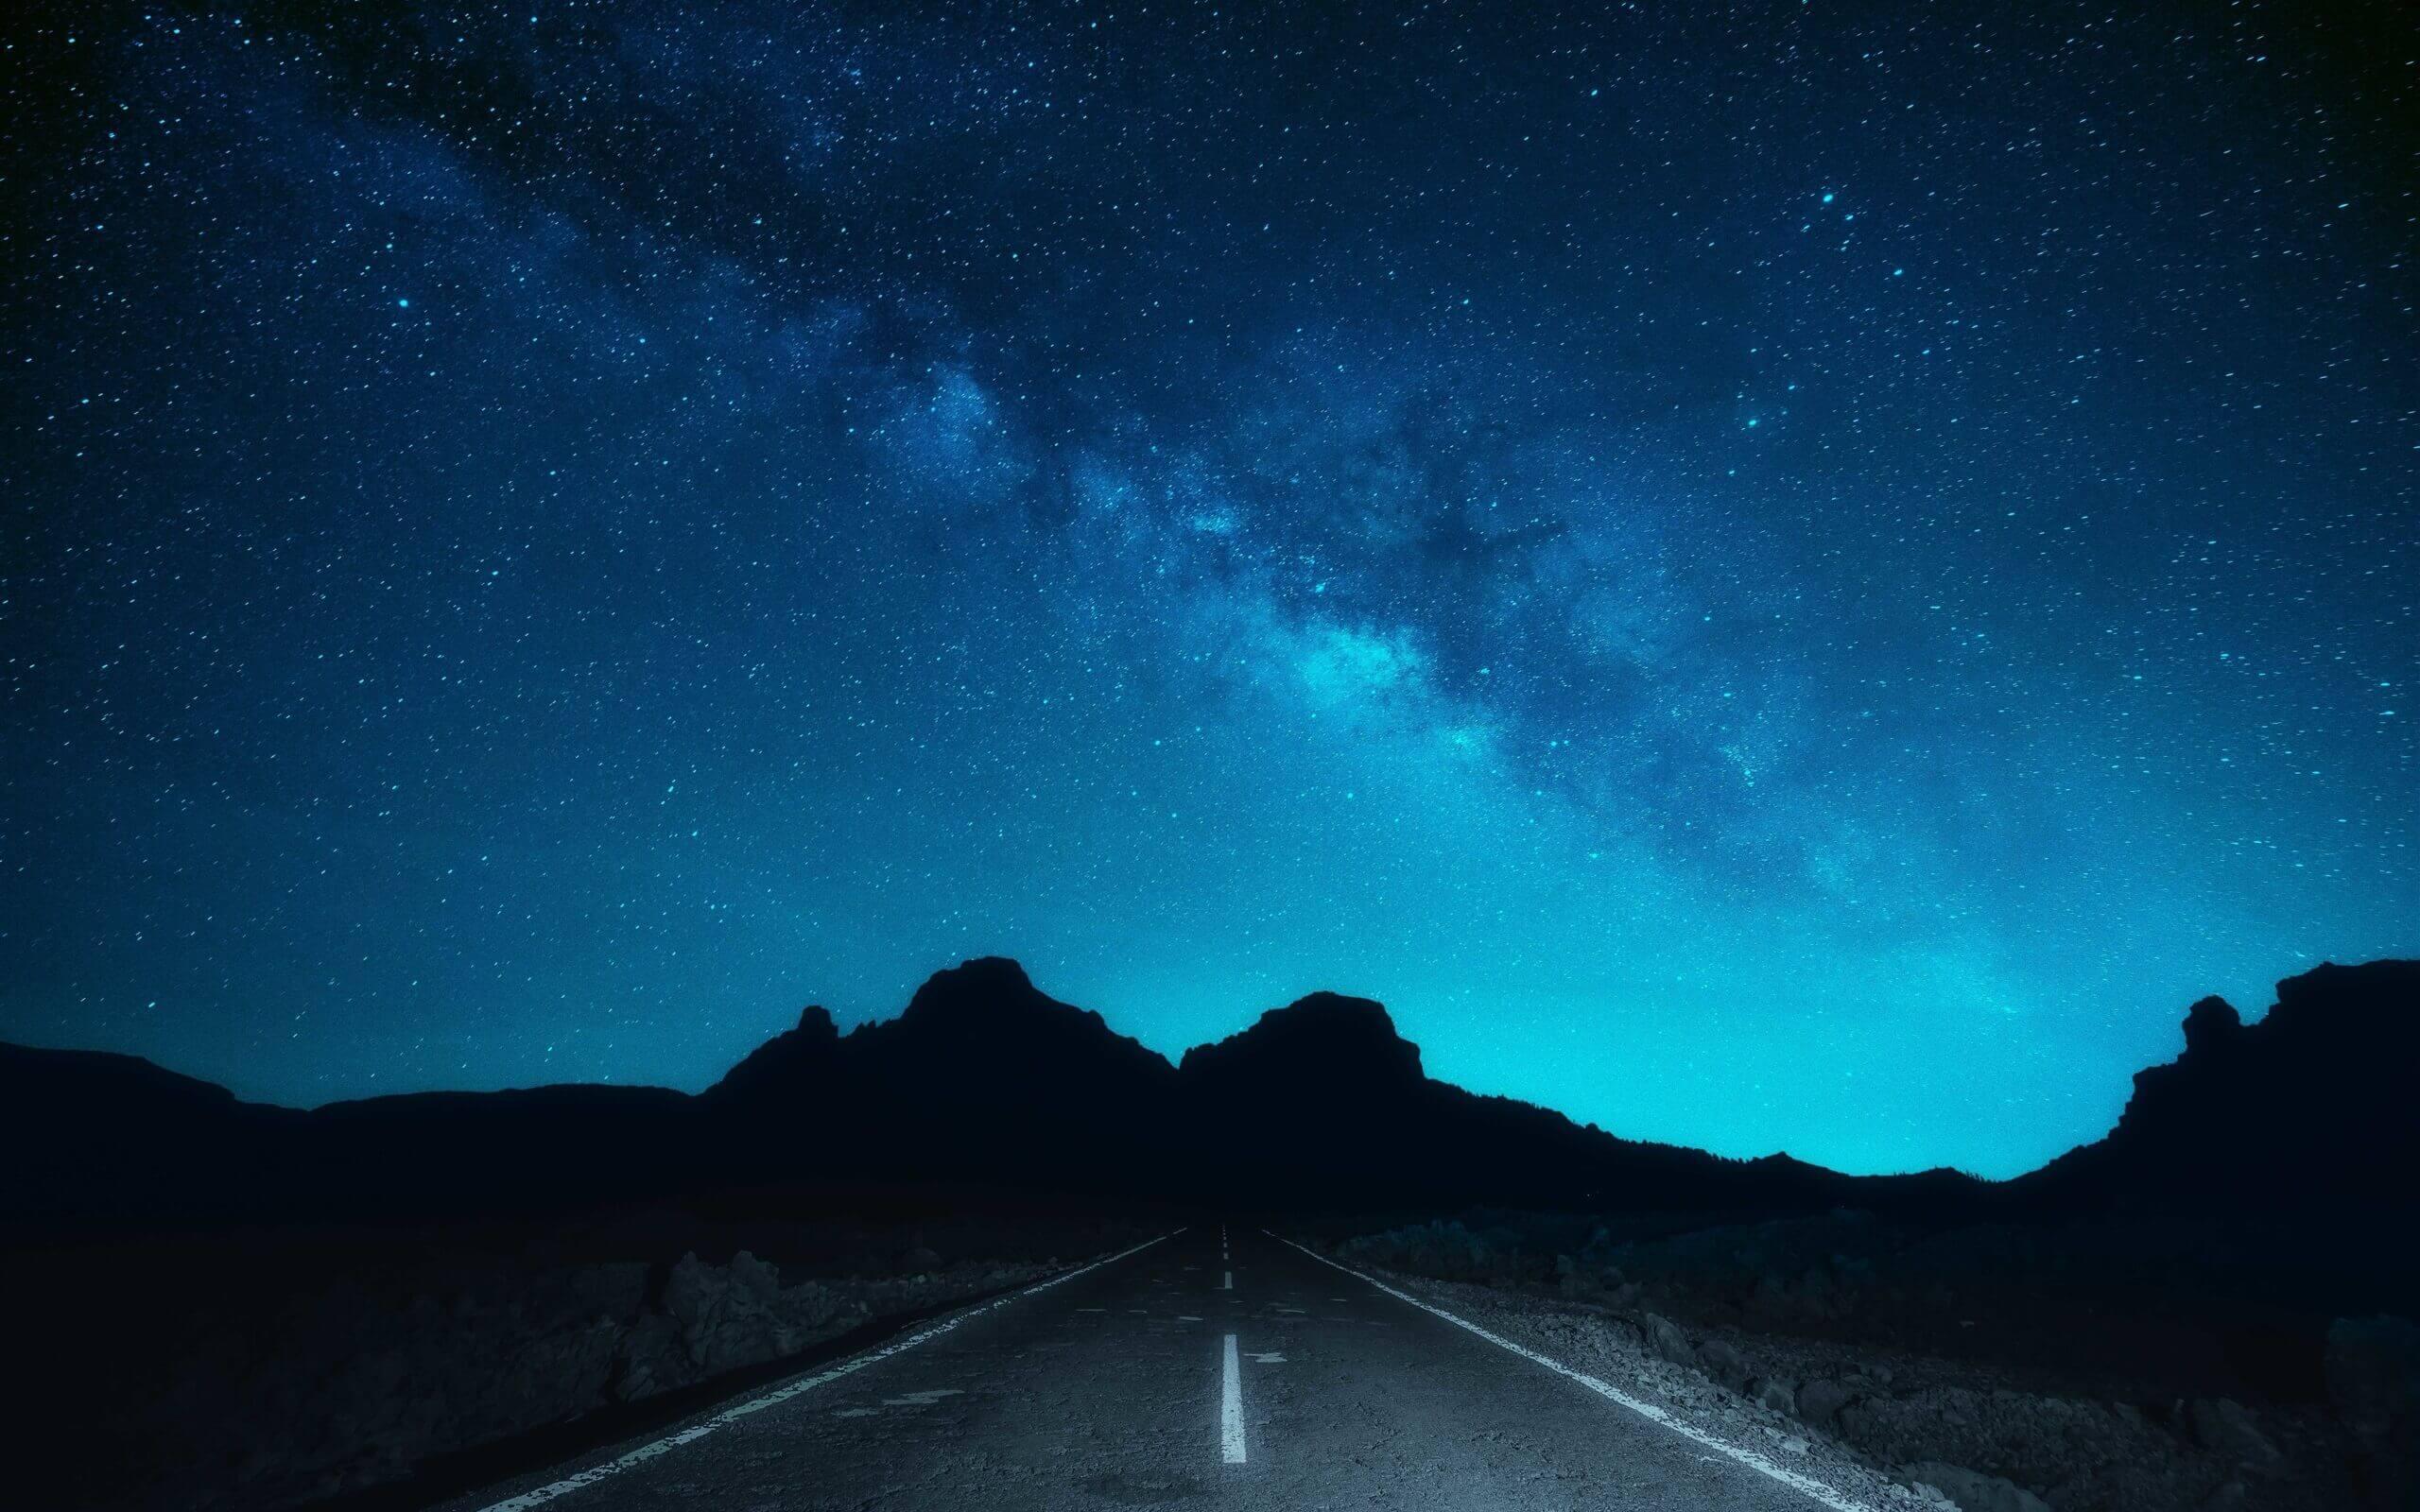 Los viajes de noche son una excelente opción si se está descansado